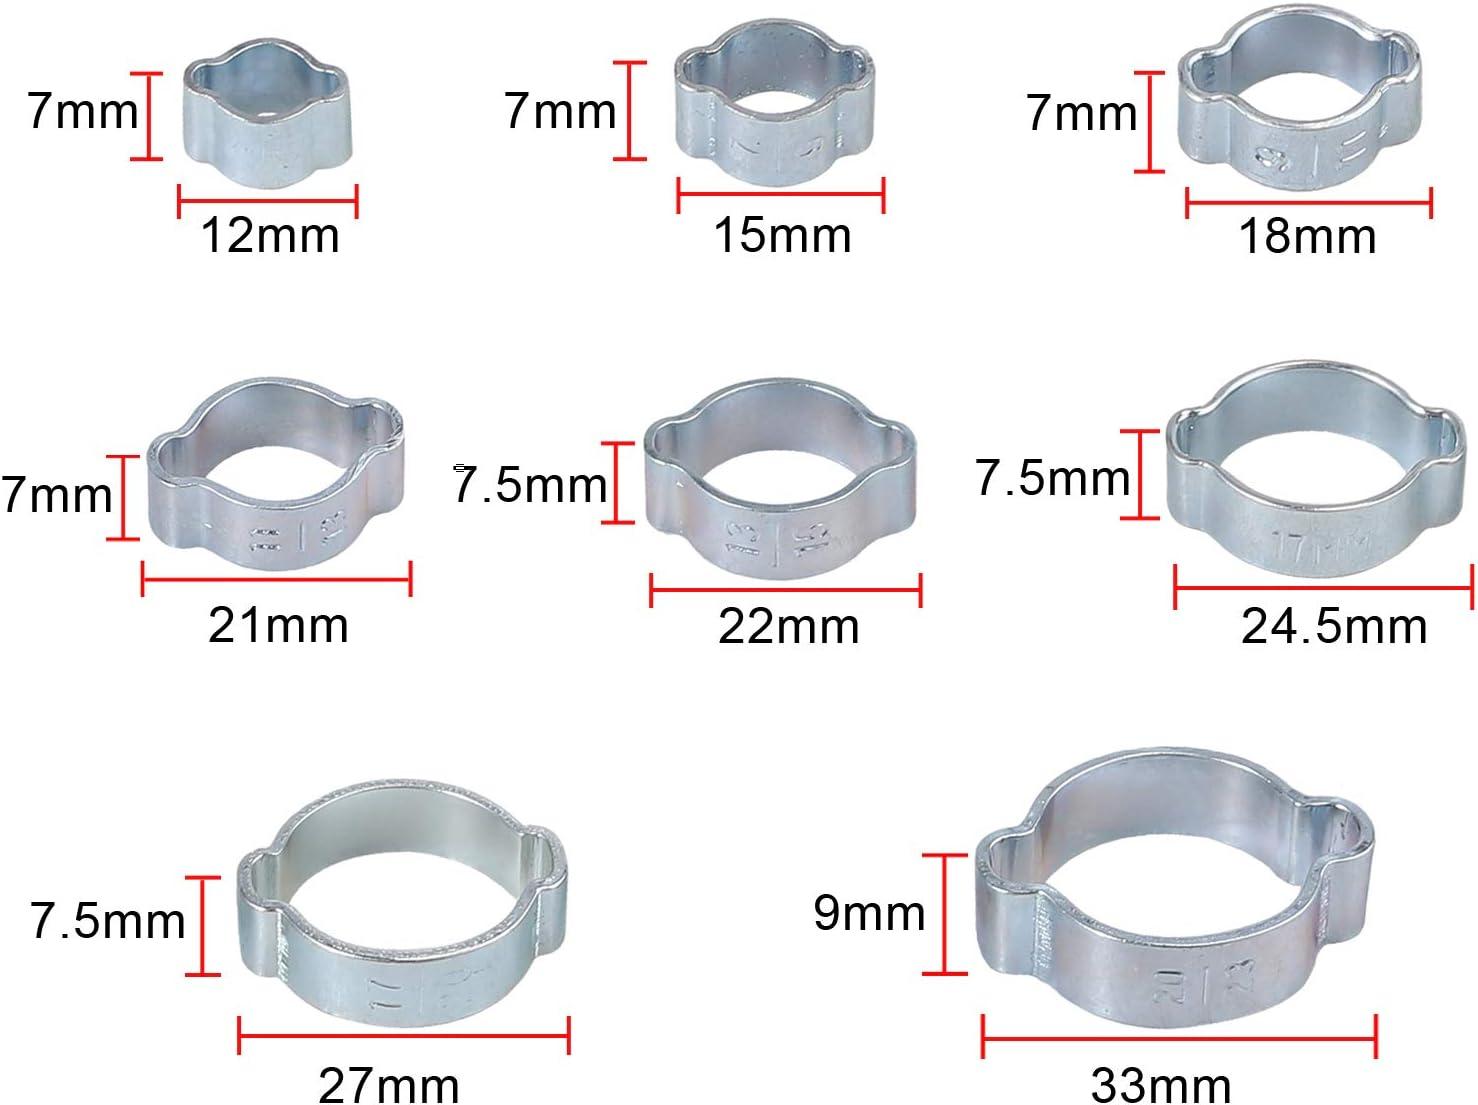 Proster 140 Stk Doppelohr-Schlauchschelle 2 ohrweit einstellbar 5-23 mm Verzinkter Stahlschneckenantrieb Kraftstoff Wasserschlauch Rohrschellen Clips Schlauch Kraftstoffschellen Kit